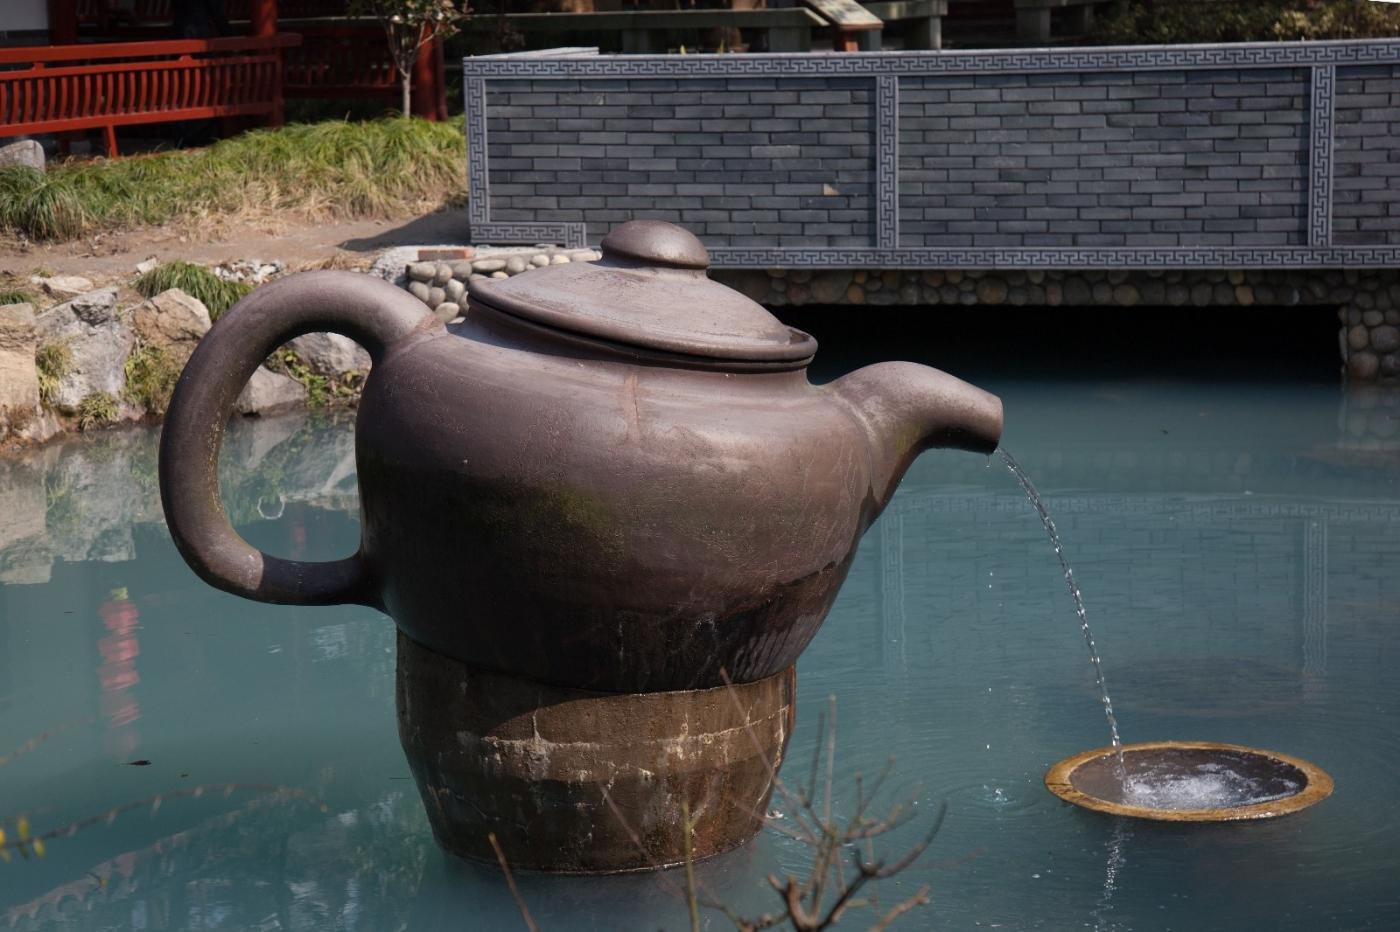 游杭州梅家坞茶场,品西湖龙井茶_图1-20